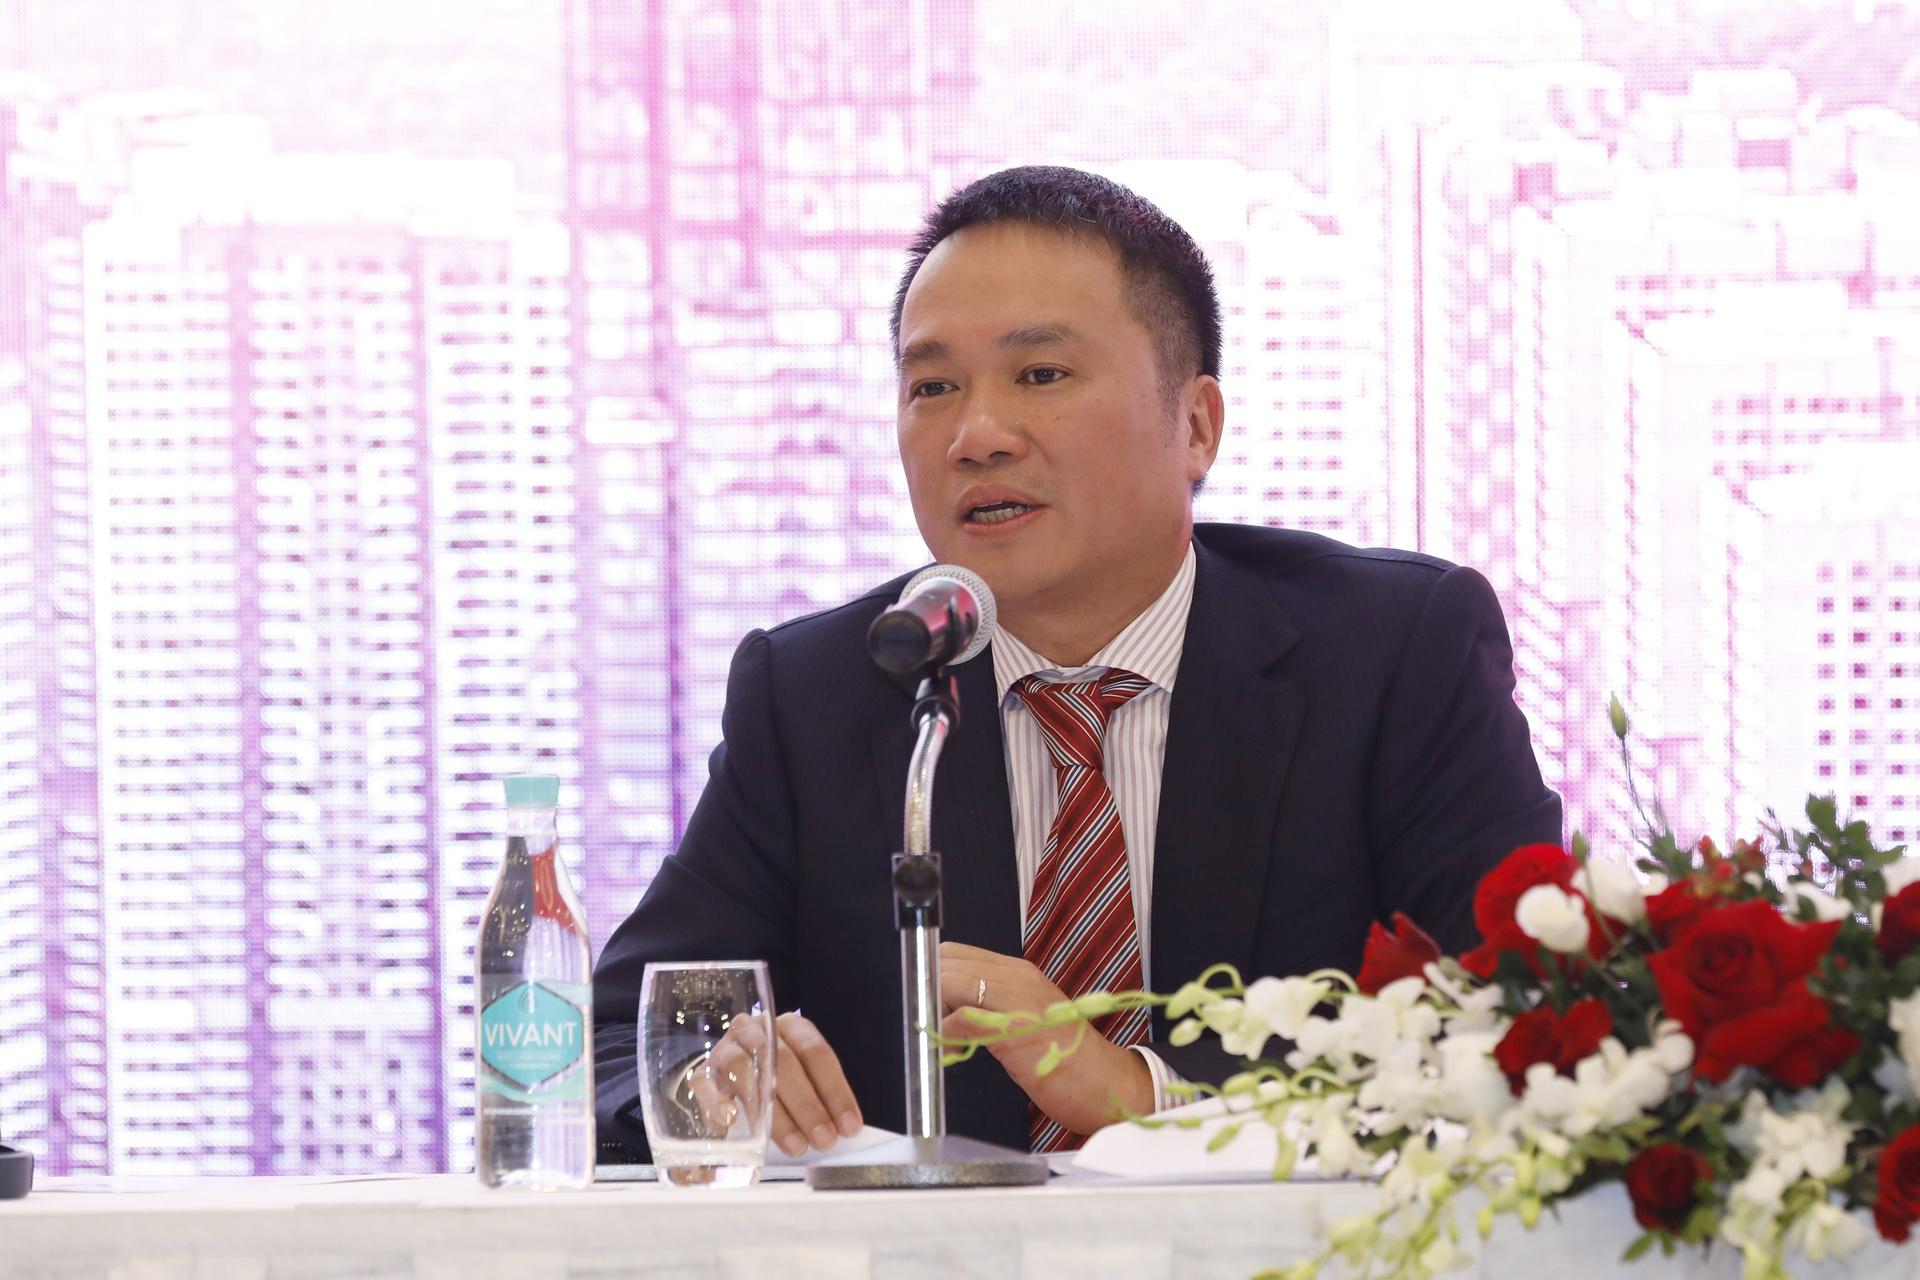 Con gái tỷ phú Hồ Hùng Anh mua hơn 22 triệu cổ phiếu Techcombank (TCB) -  CHỨNG KHOÁN BẤT ĐỘNG SẢN VIỆT NAM